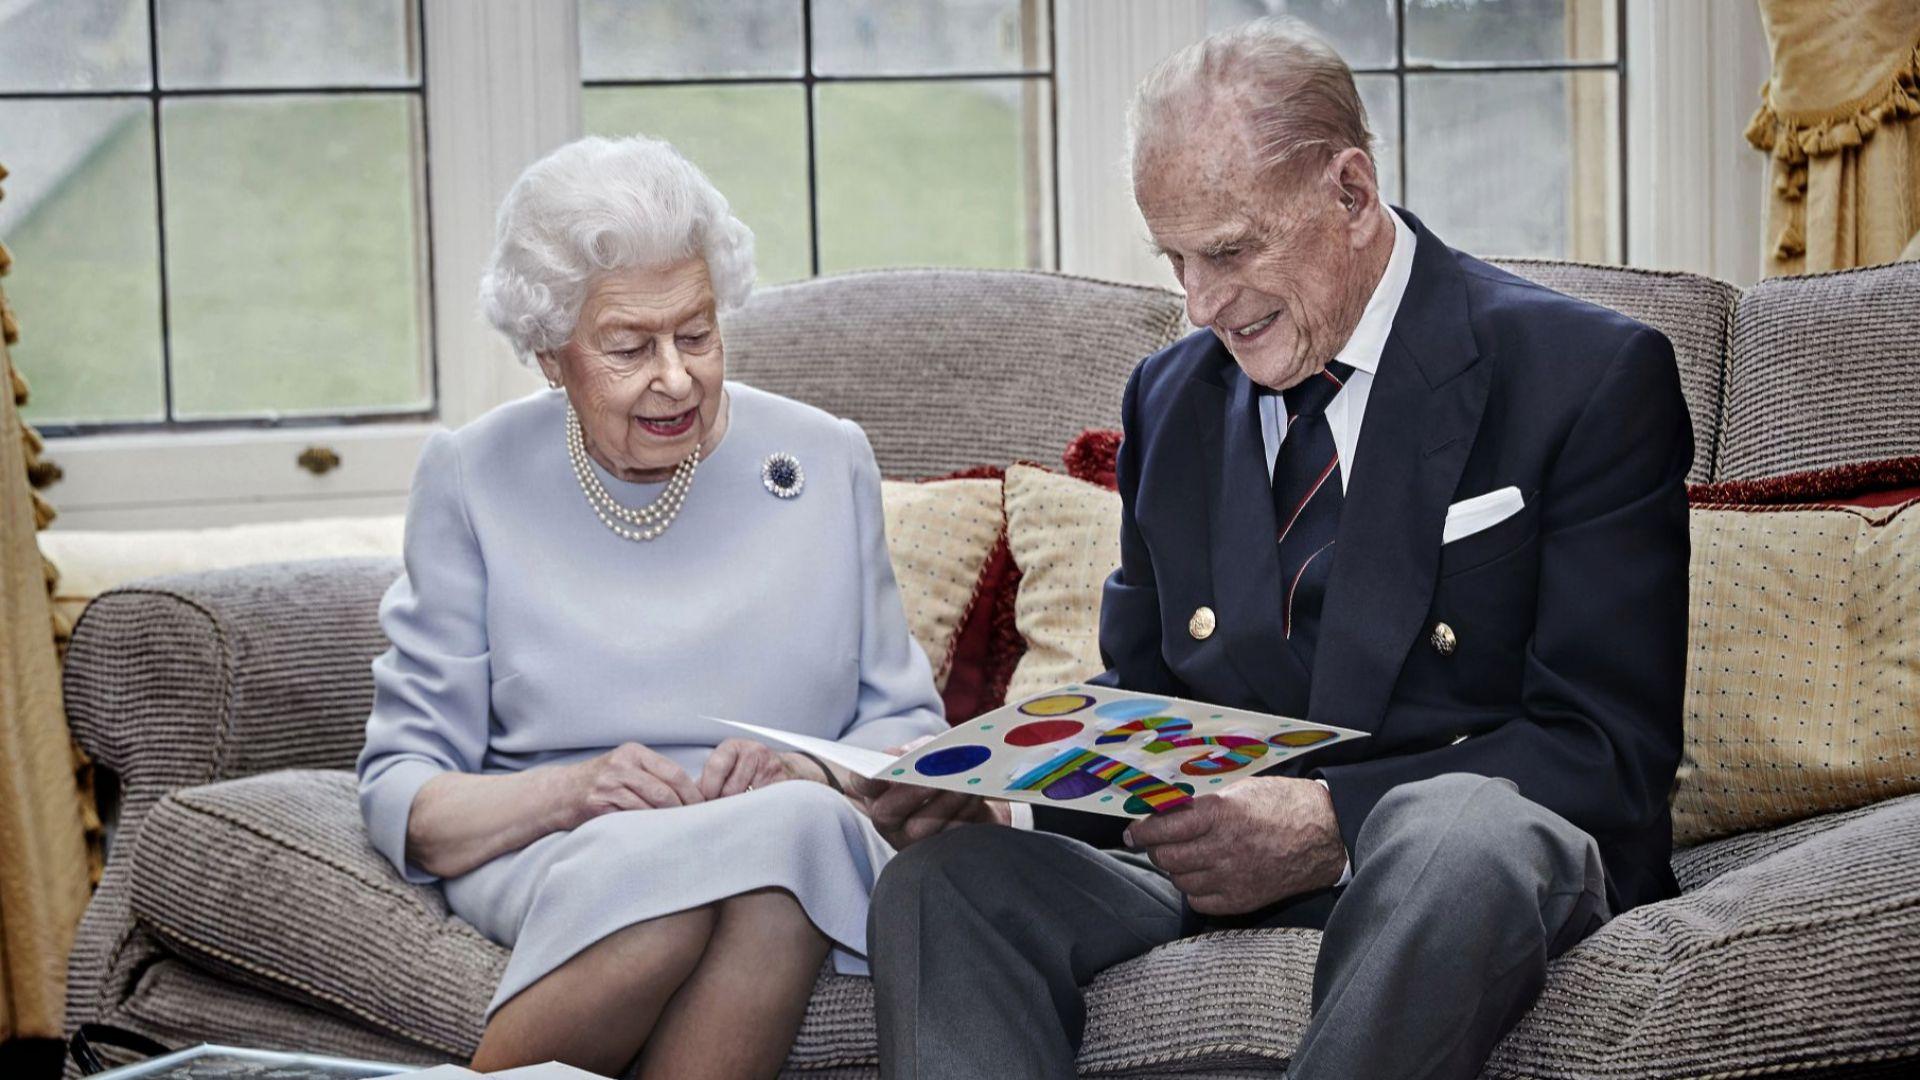 Кралица Елизабет Втора и принц Филип празнуват 73-ата годишнина от сватбата си